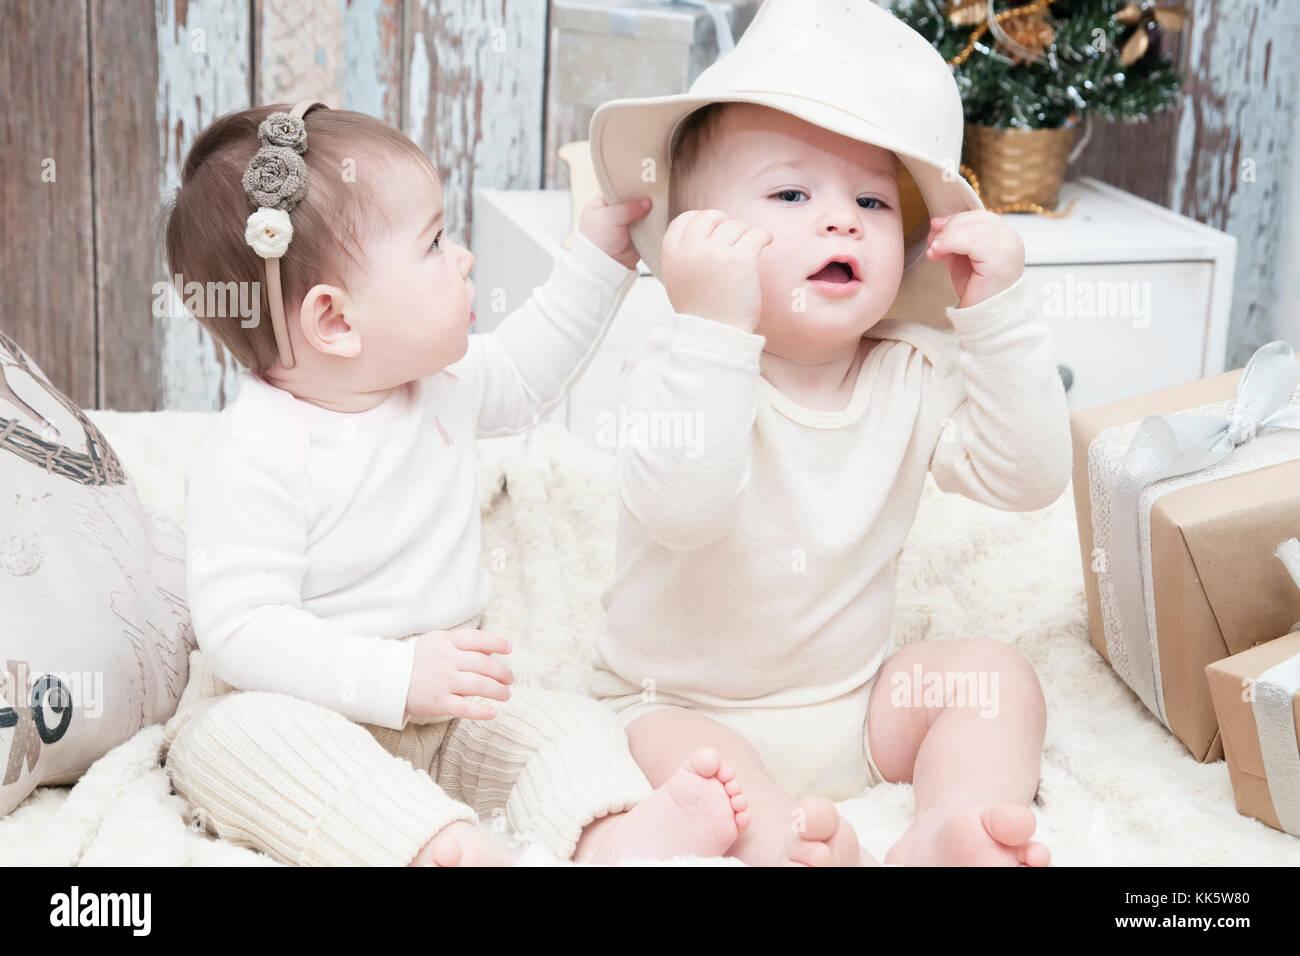 610048493 Dos niños pequeños, un niño y una niña en natural pañales de tela, pañales  naturales, telas de algodón ecológico · Irina Morozova / Alamy Foto de stock